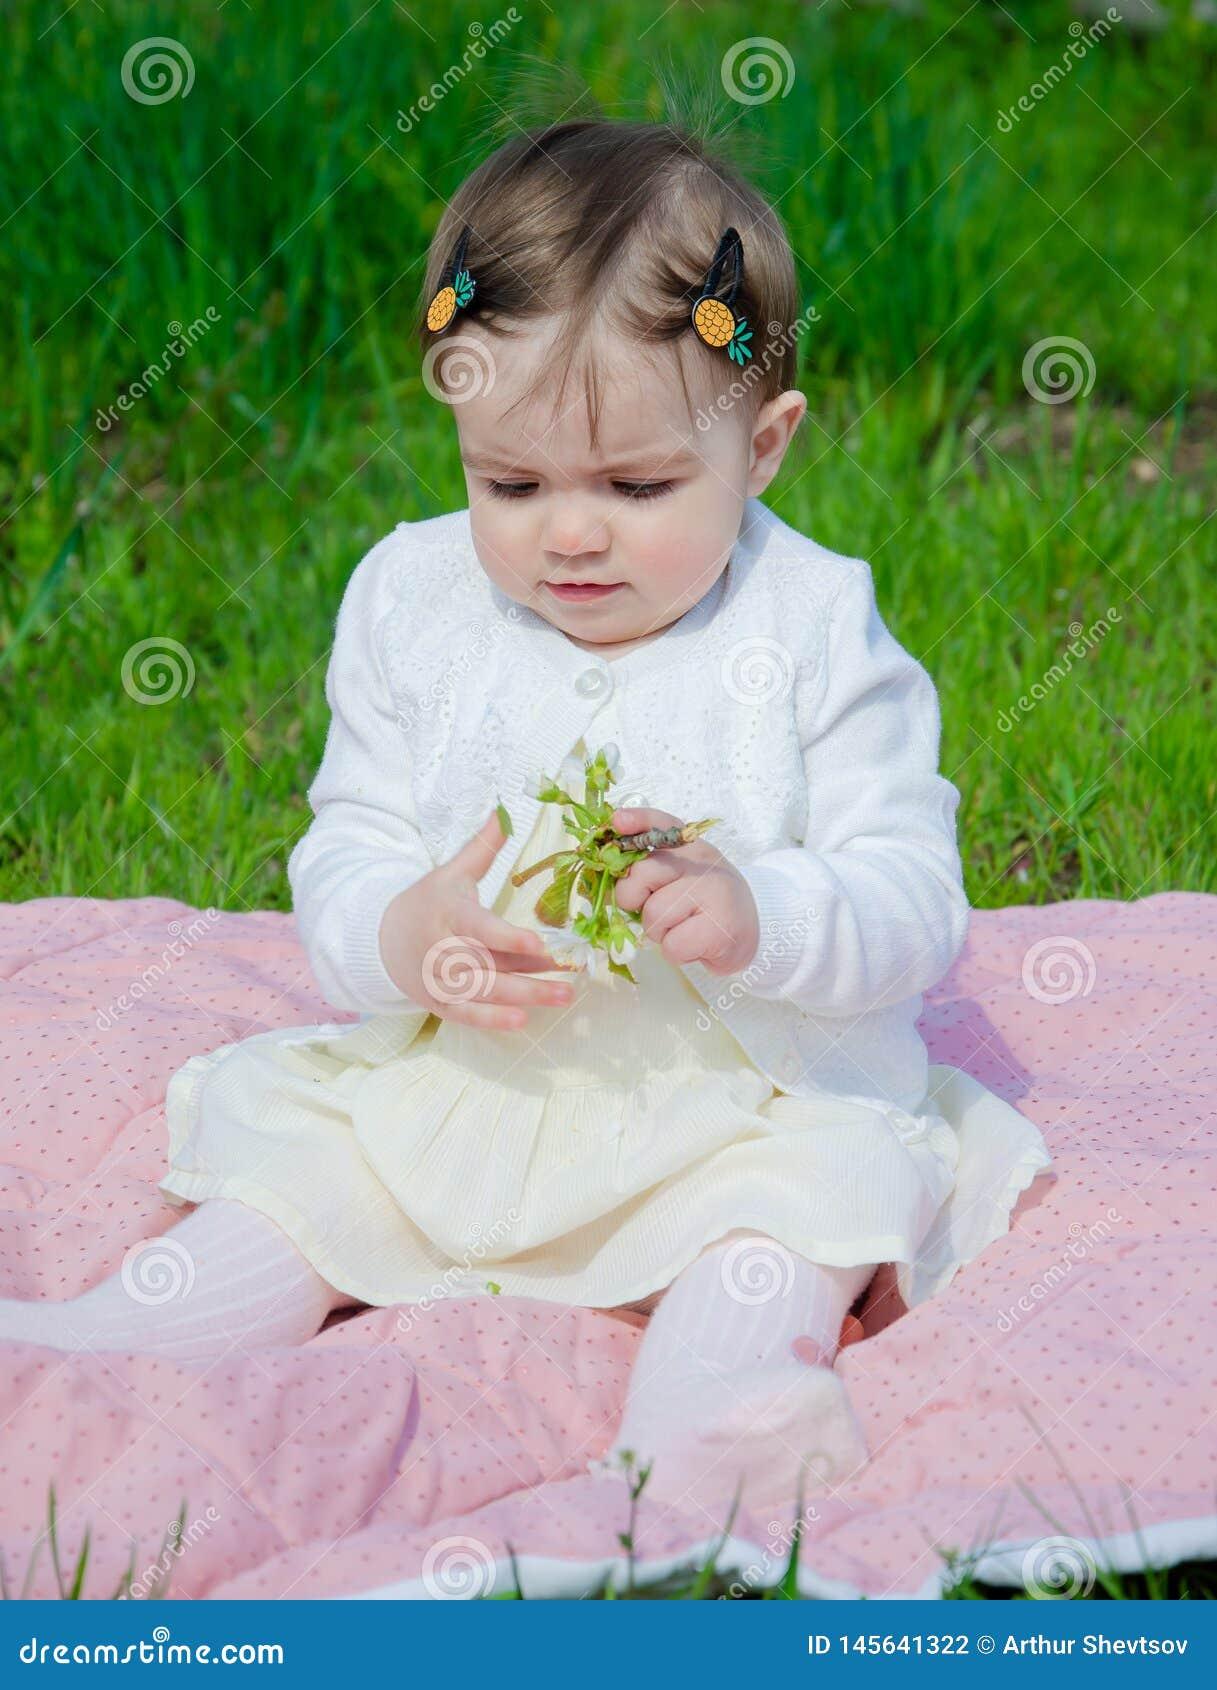 Μωρό στα φωτεινά ενδύματα σε ένα ρόδινο καρό στην πράσινη χλόη στο πάρκο